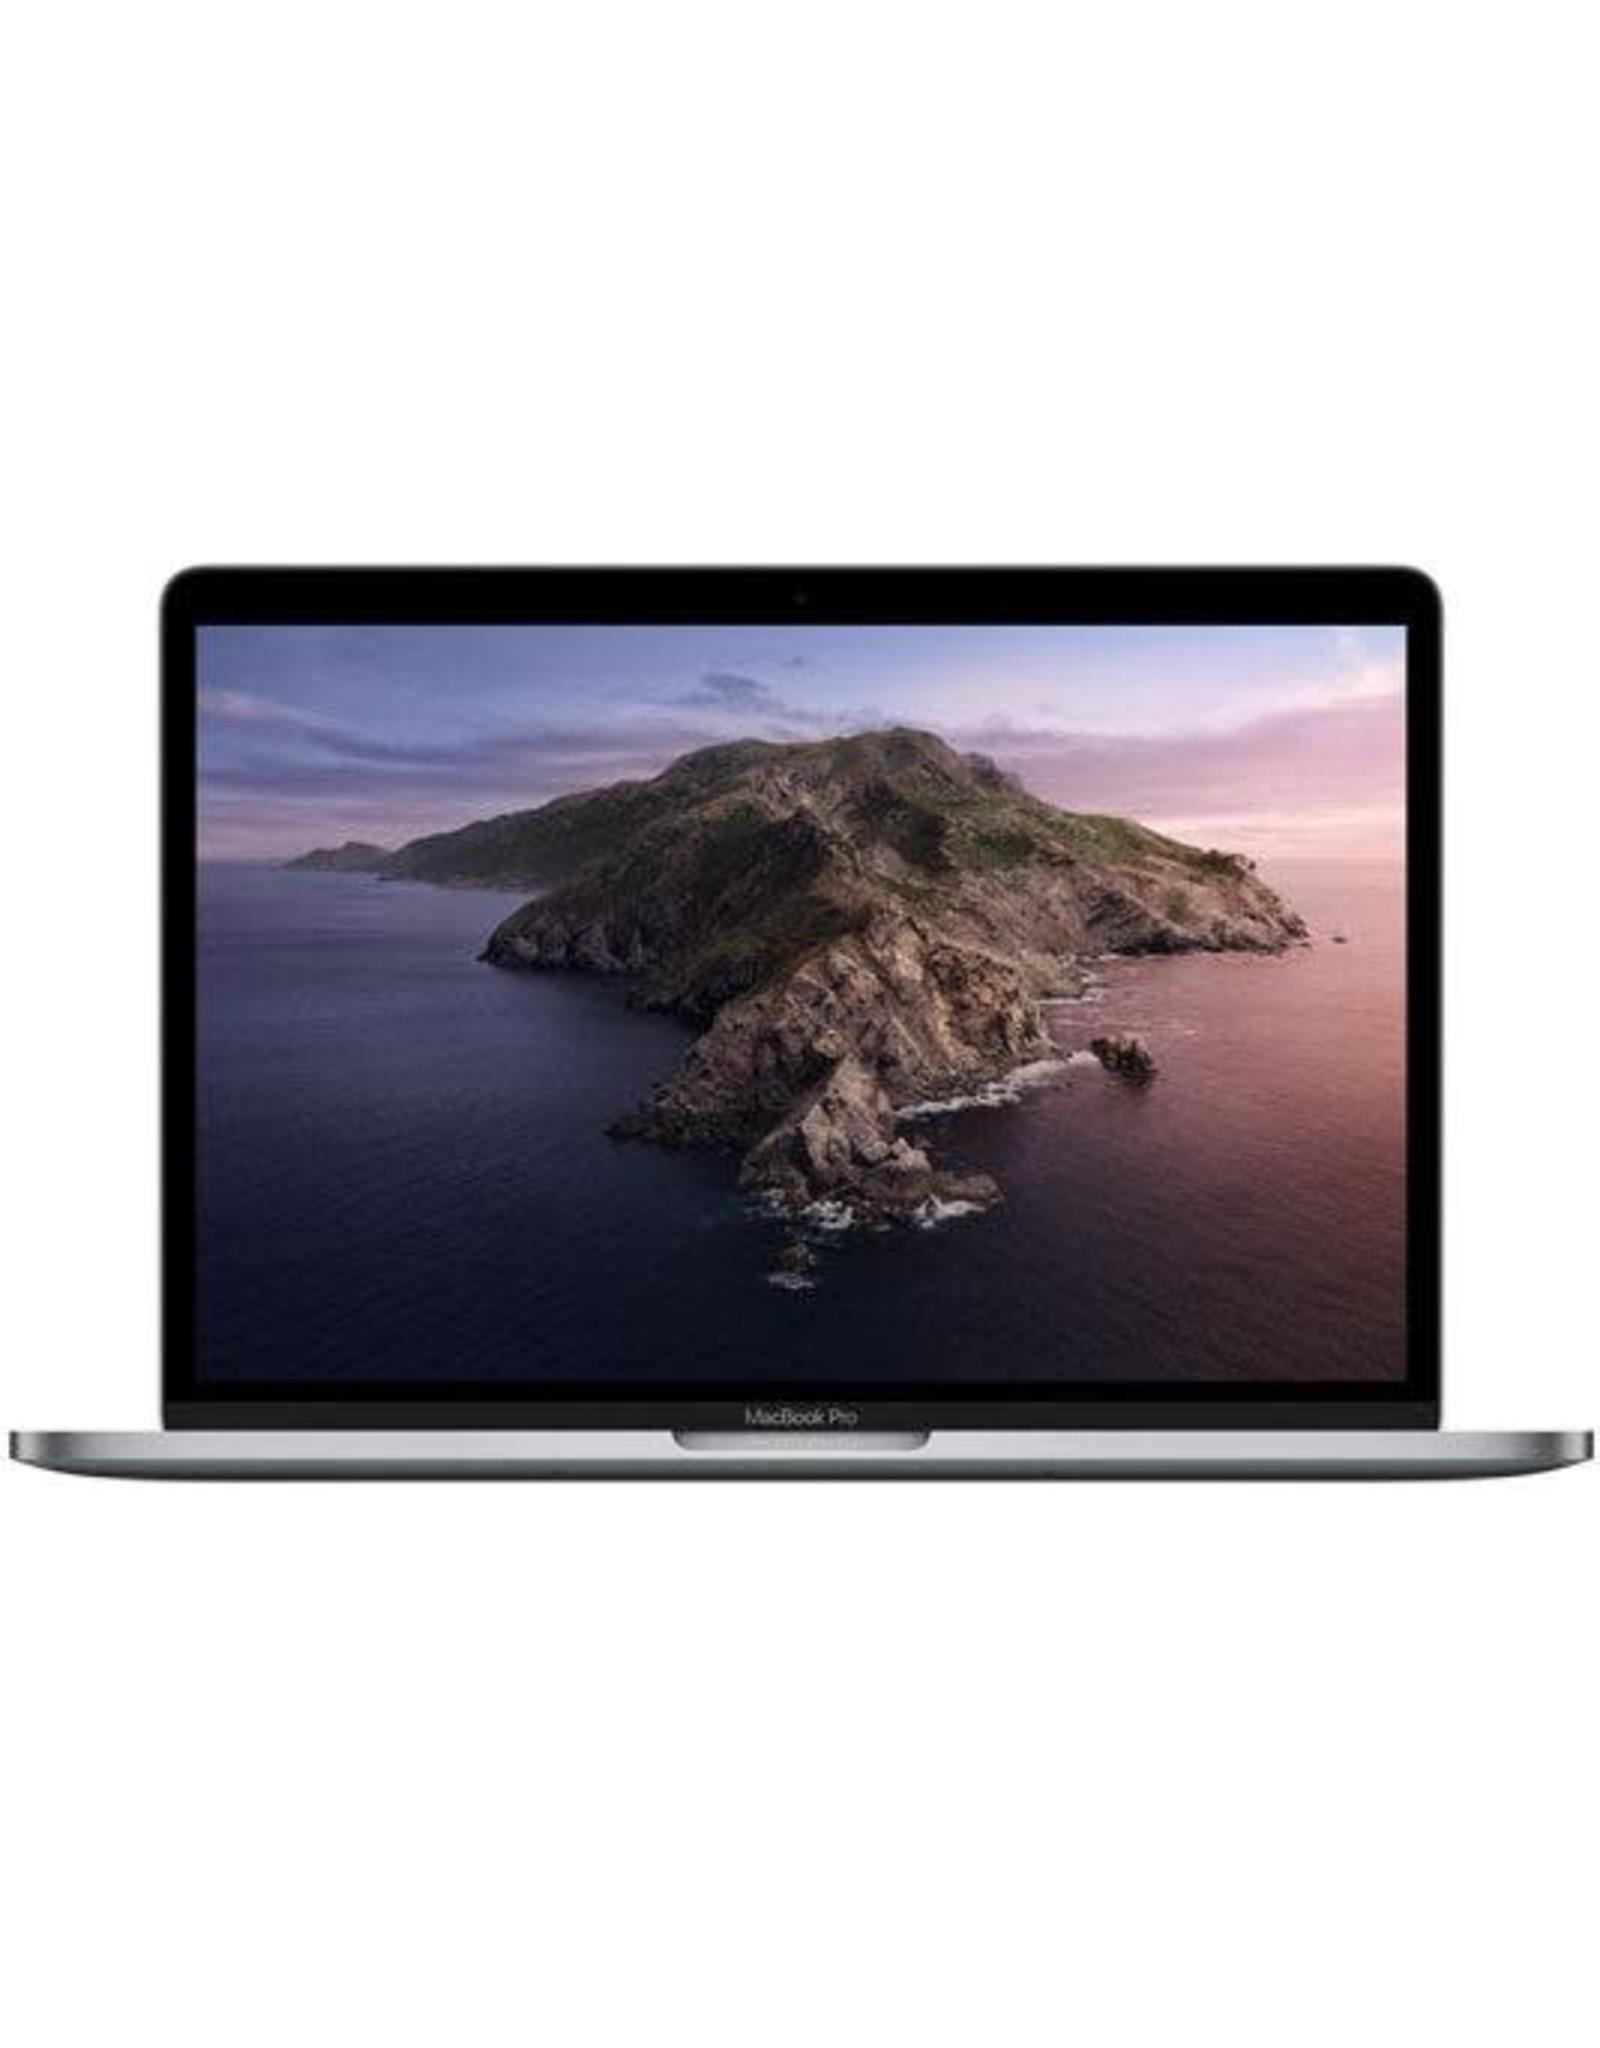 Apple Apple 13-inch MacBook Pro 512GB 2.0GHz quad-core i5 4TBP 16GB RAM  Intel Iris Plus Graphics